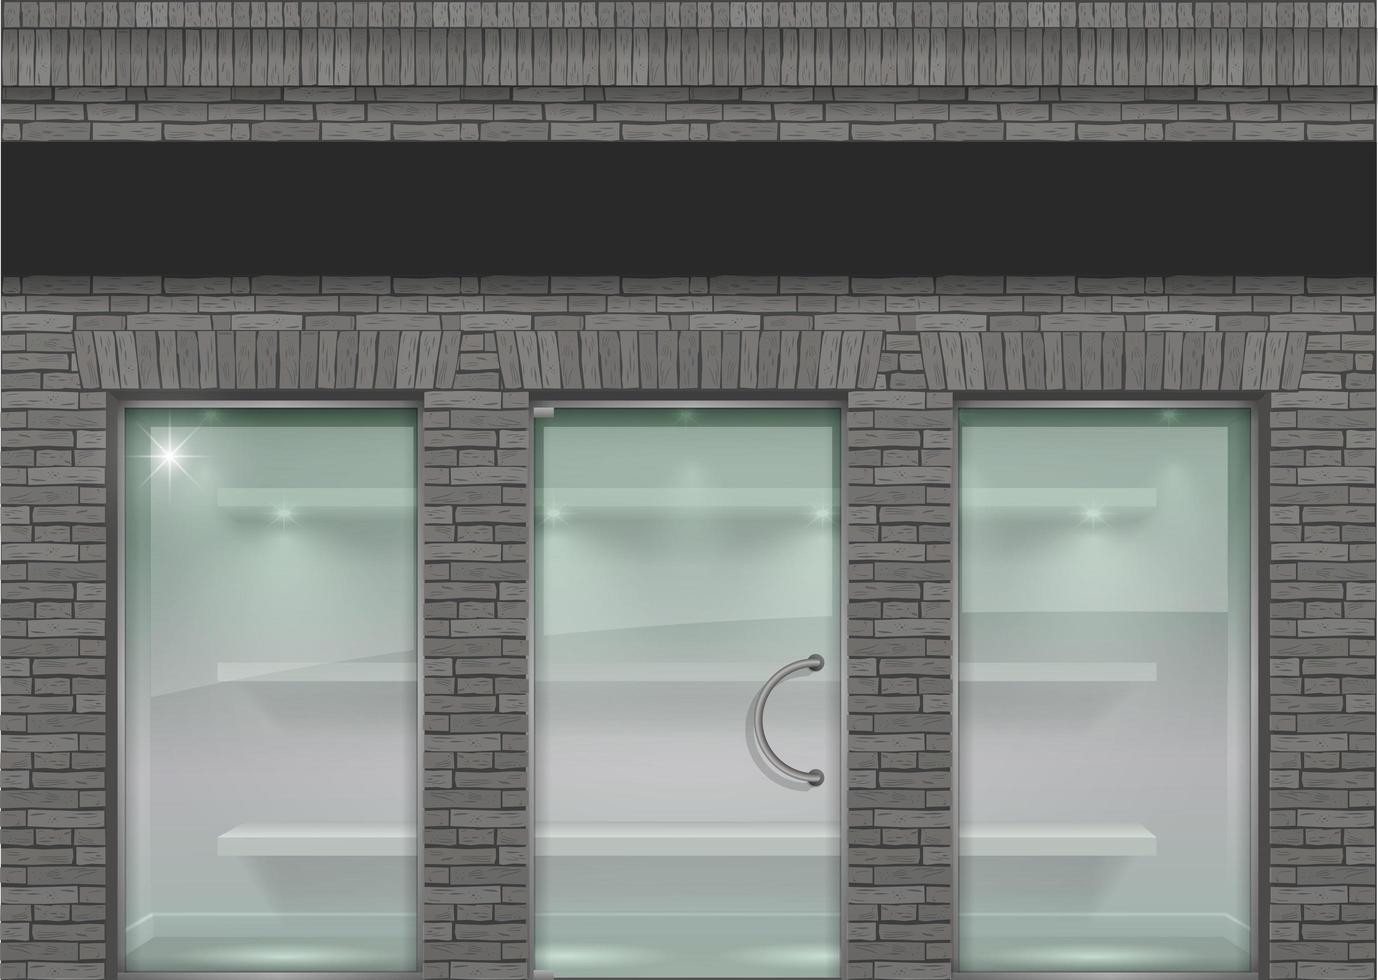 grå tegel loft fasad vektor